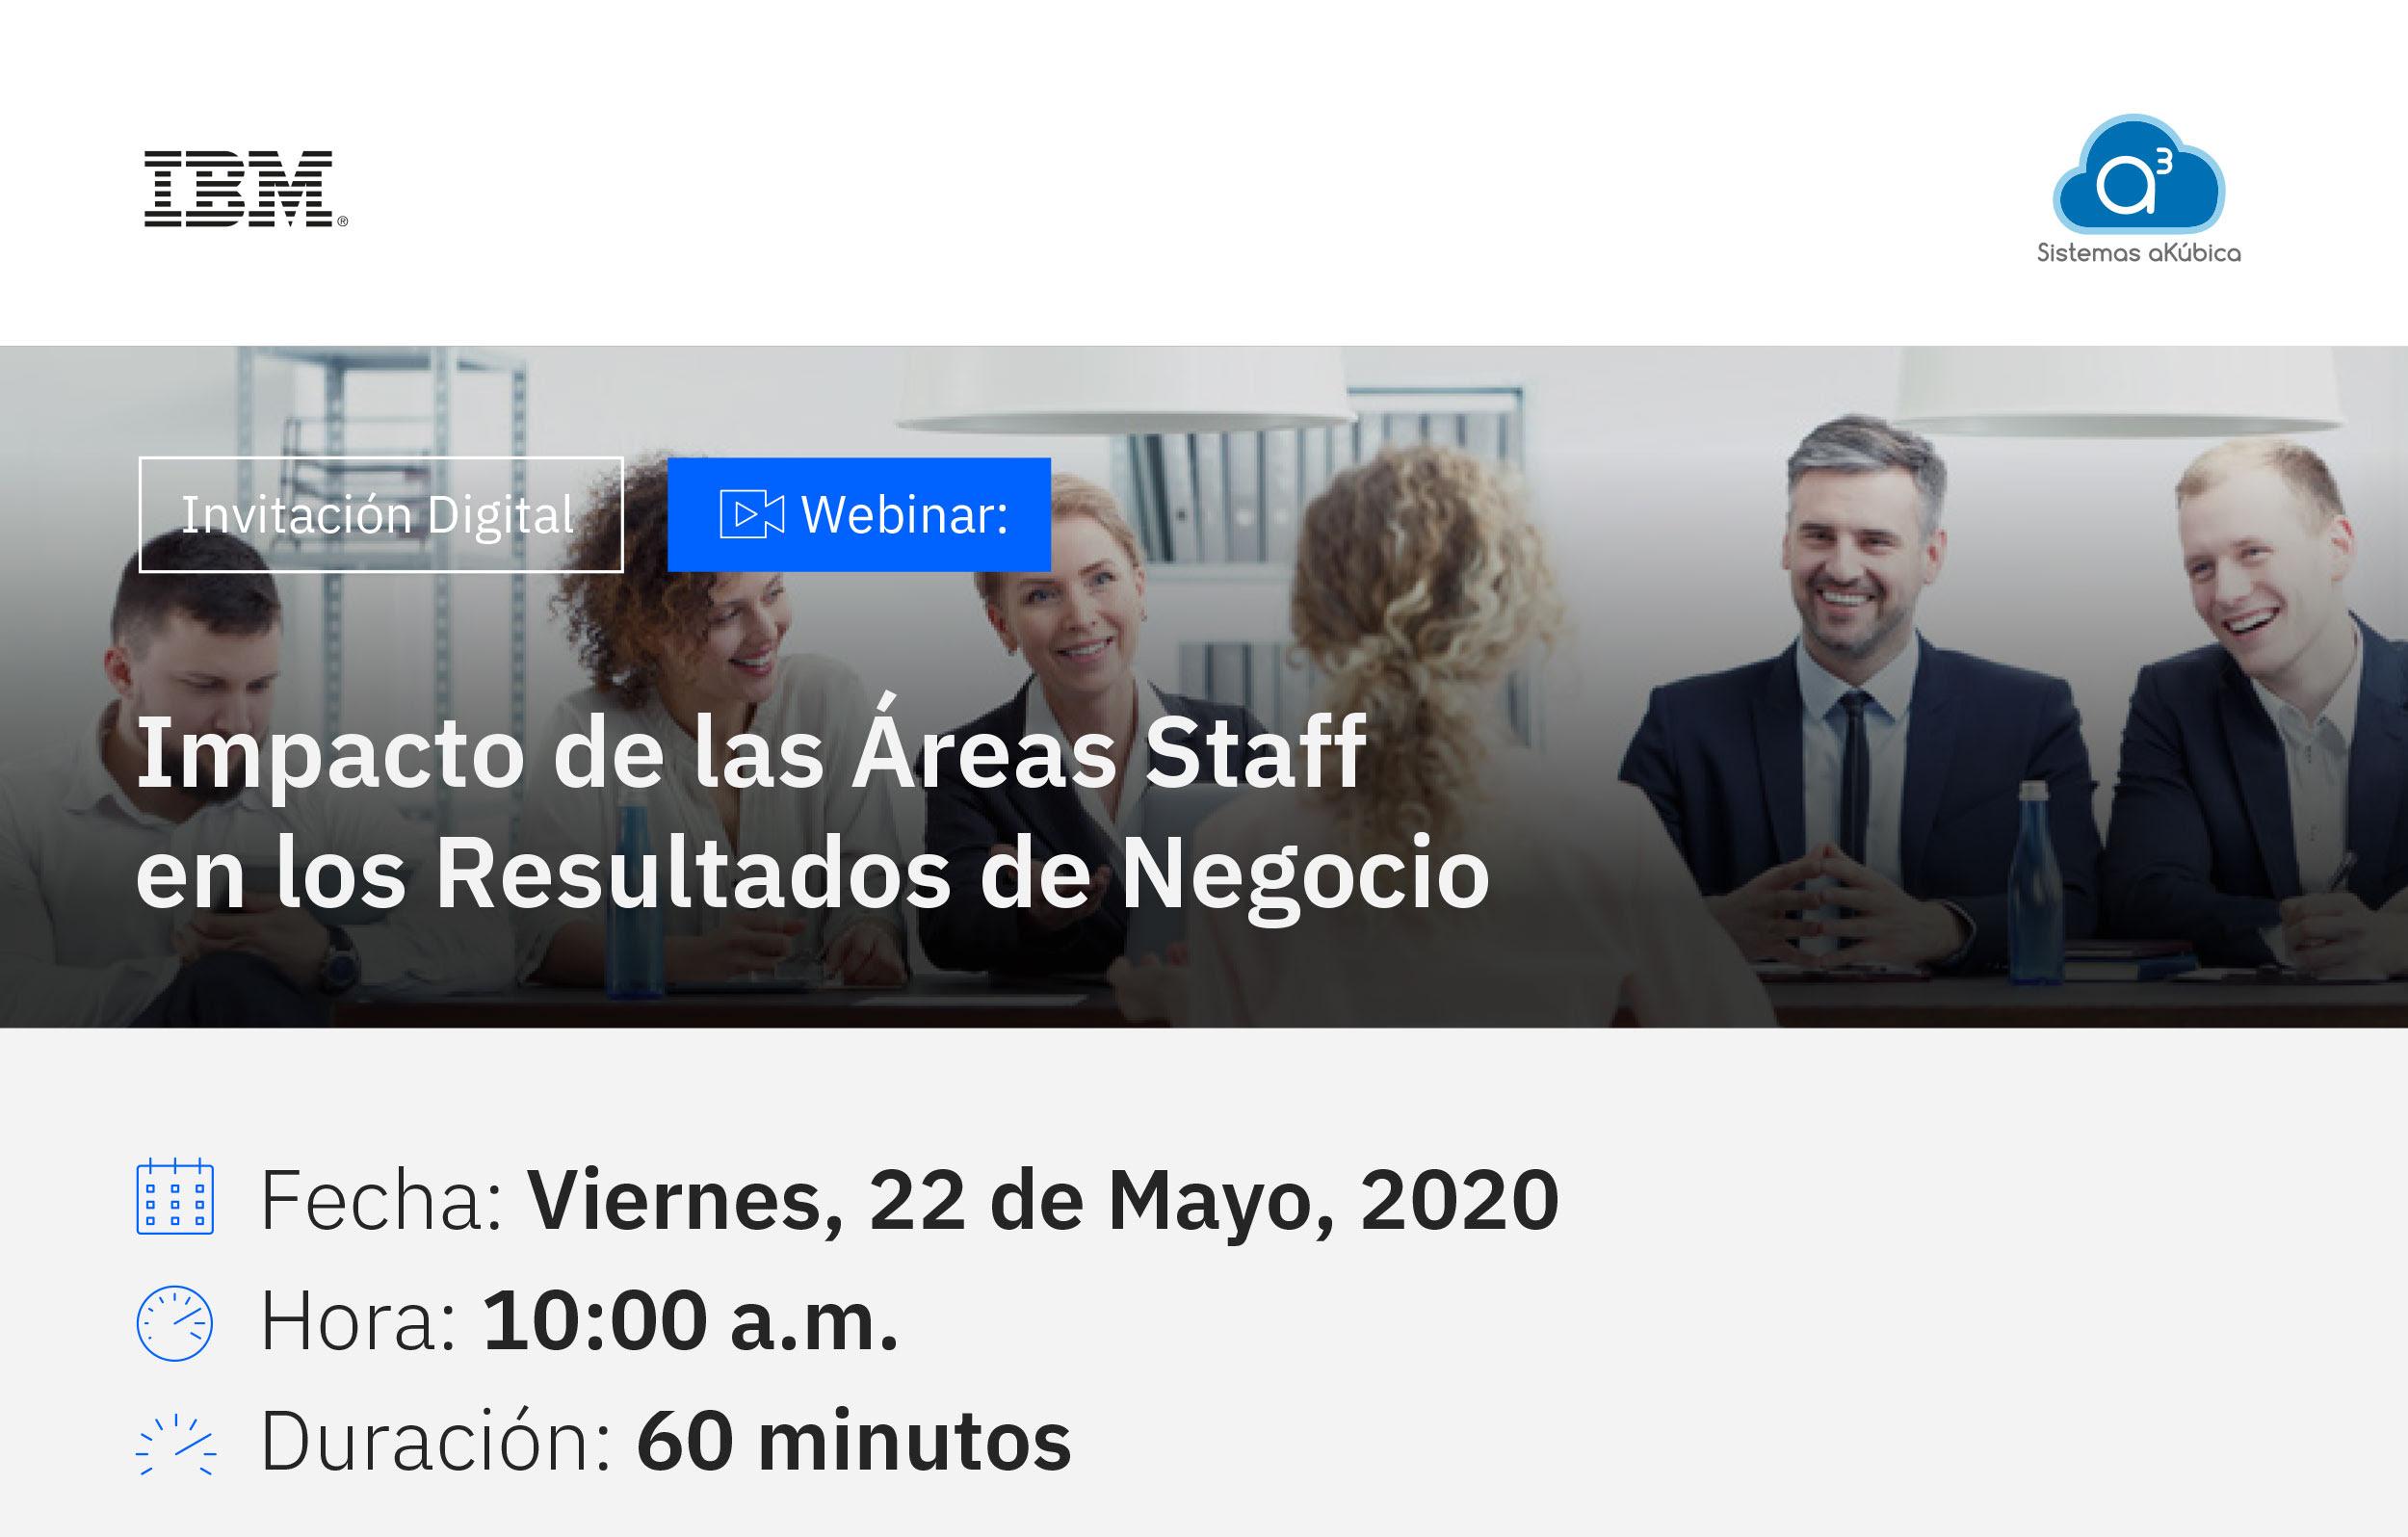 Webinar: Impacto de las Áreas Staff en los Resultados de Negocio! Viernes 22 de mayo 2020 a las 10:00 a.m.